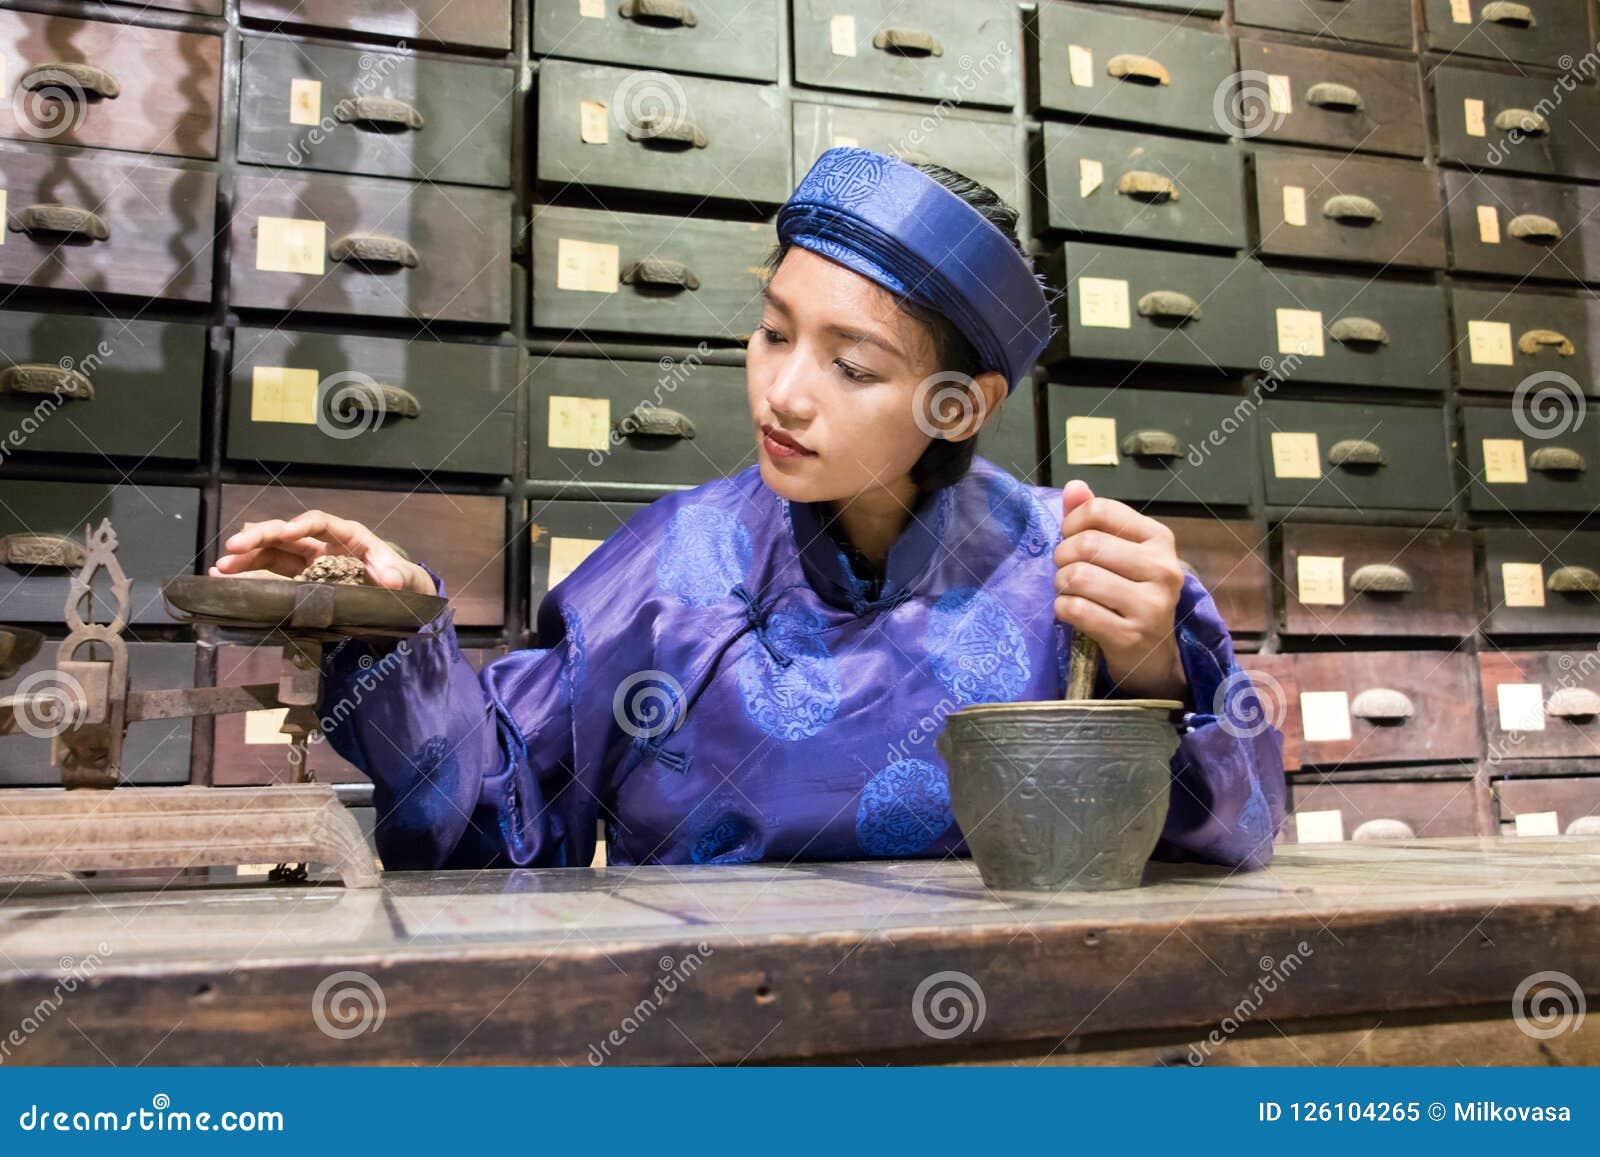 Ασιατικός φαρμακοποιός που εργάζεται στο ασιατικό φαρμακείο